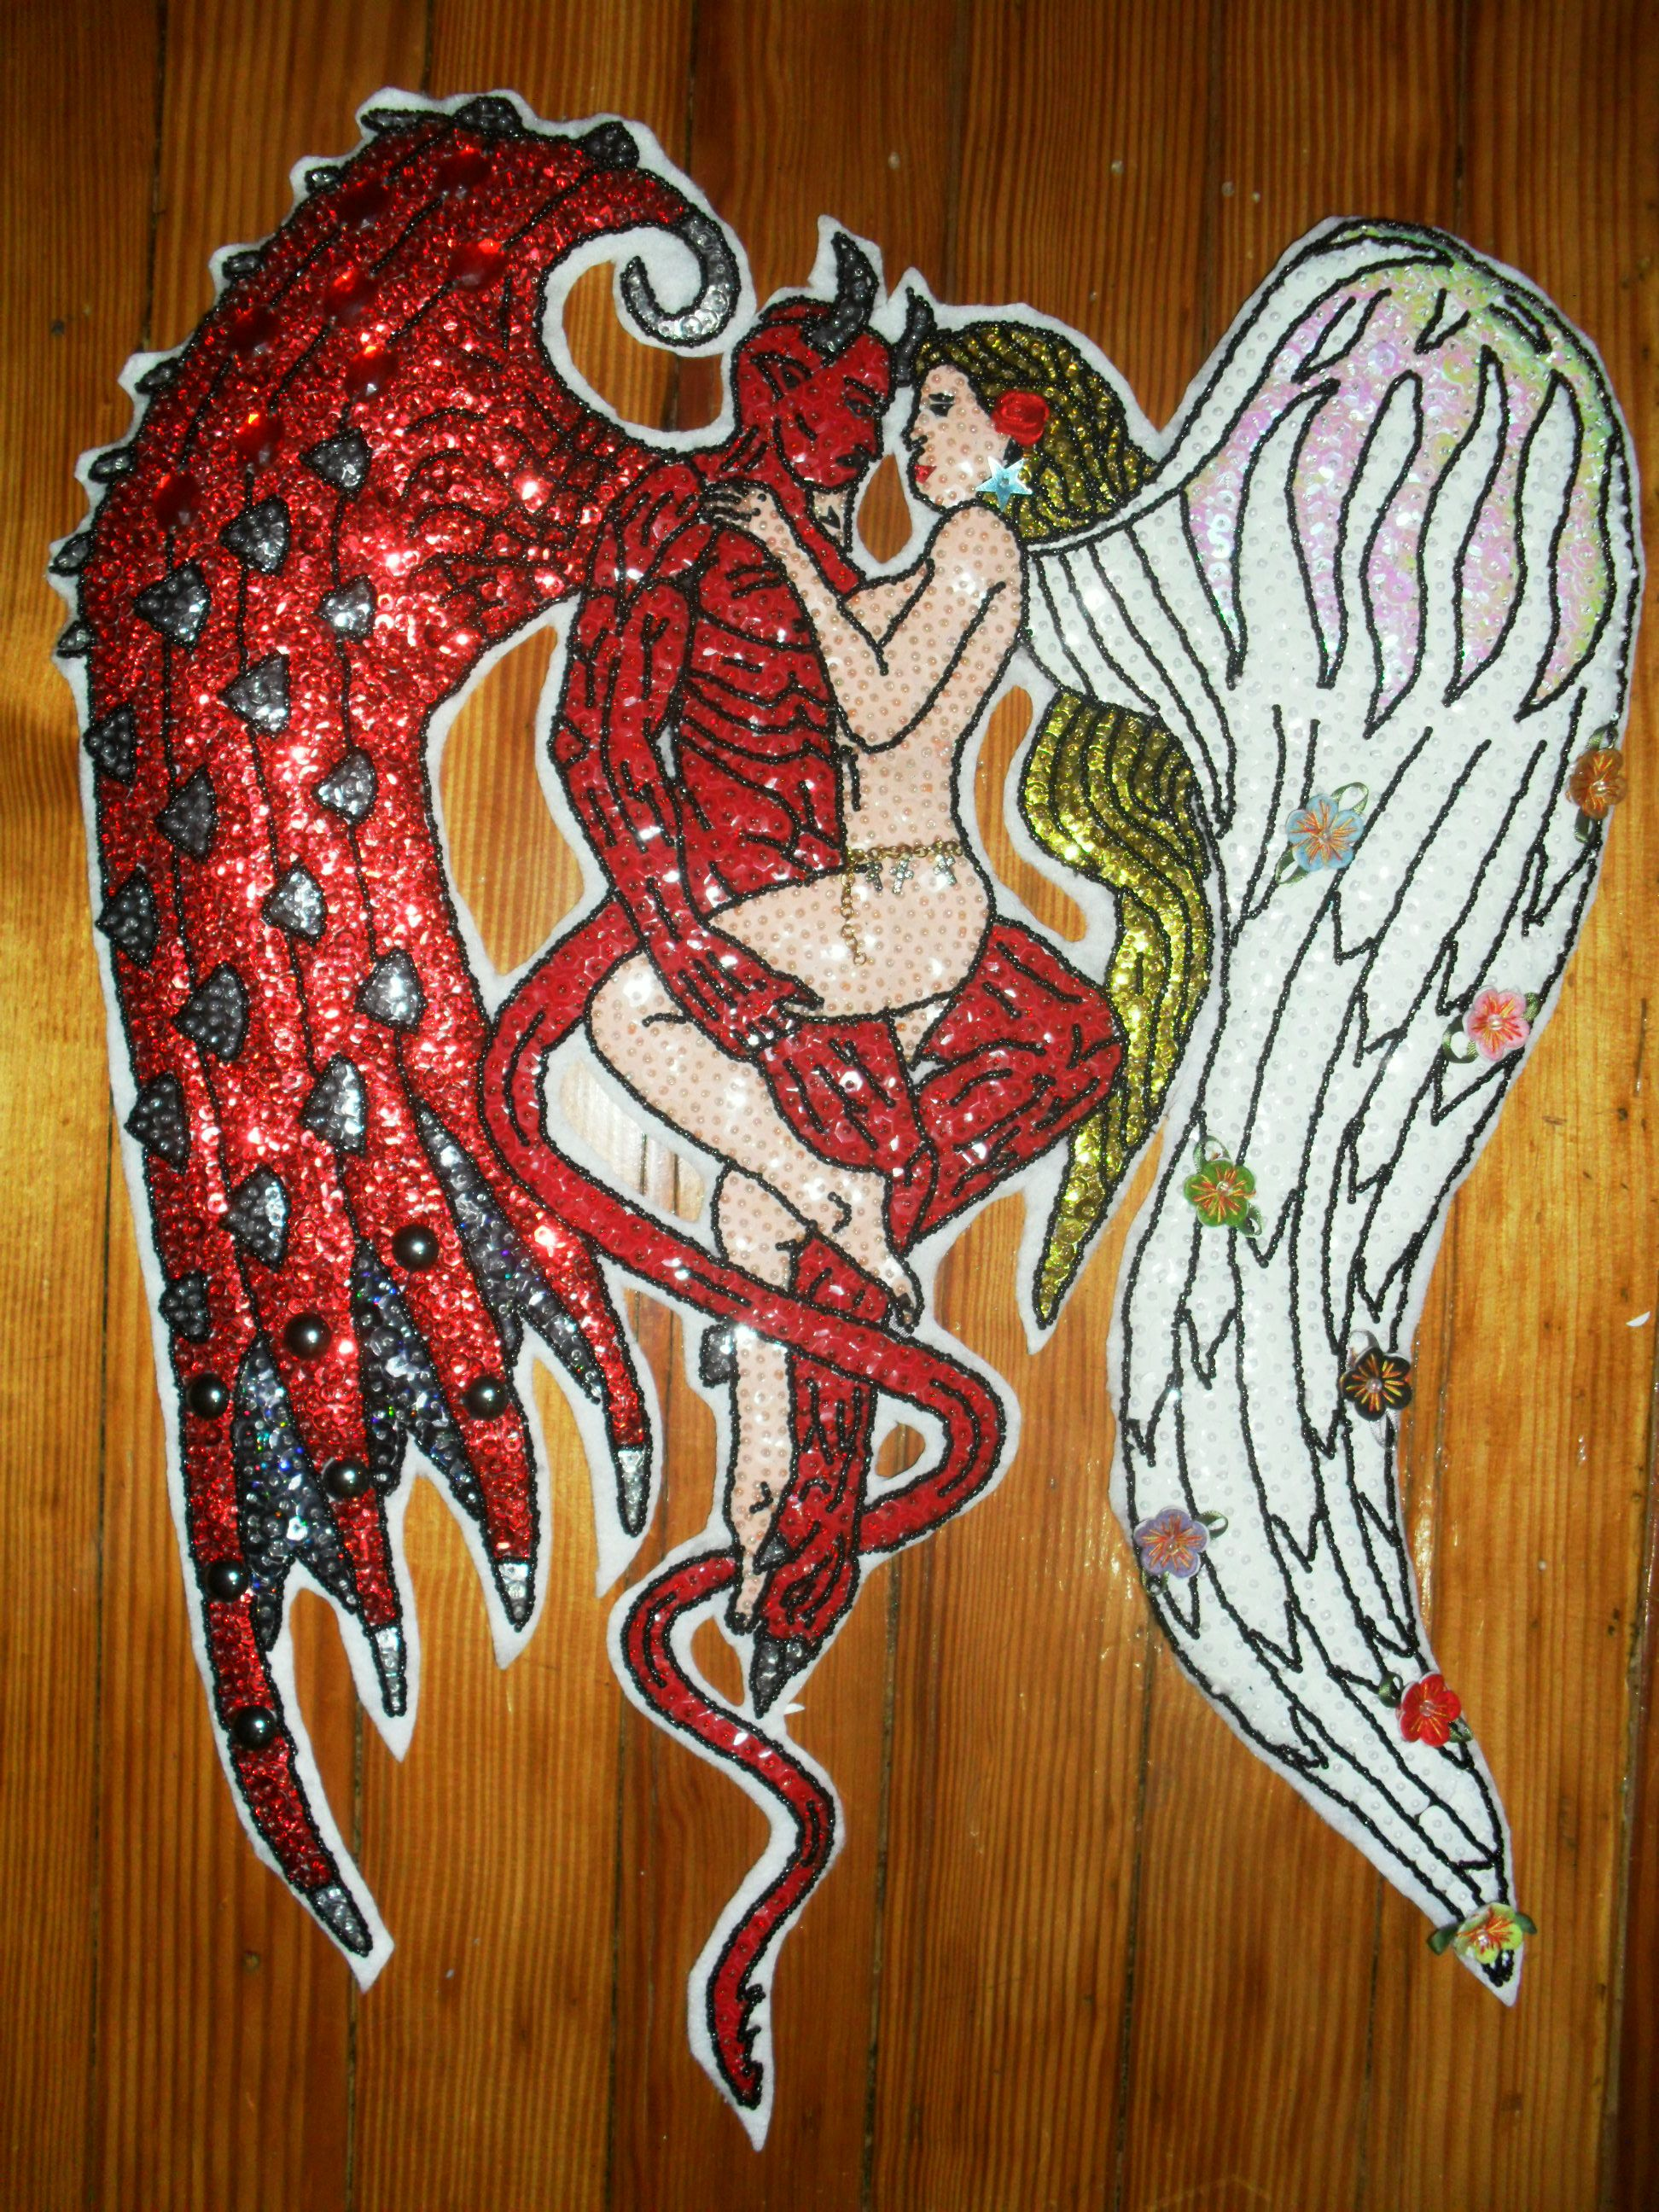 El Infierno y el Cielo se unierón para ser uno solo. Al dibujo original lo modifique, le cambie el ala al demonio y al ala del angel, los detalles de mlas flores, el caderin, las piedras, fuerón todos accesorios agregados, el color de lentejuela del ala y el demonio difieren quería que se notara, el mismo lo puse en un saco con el cual salgo comunmente a la calle, quien dijo que los bordados solo se pueden usar en Carnaval